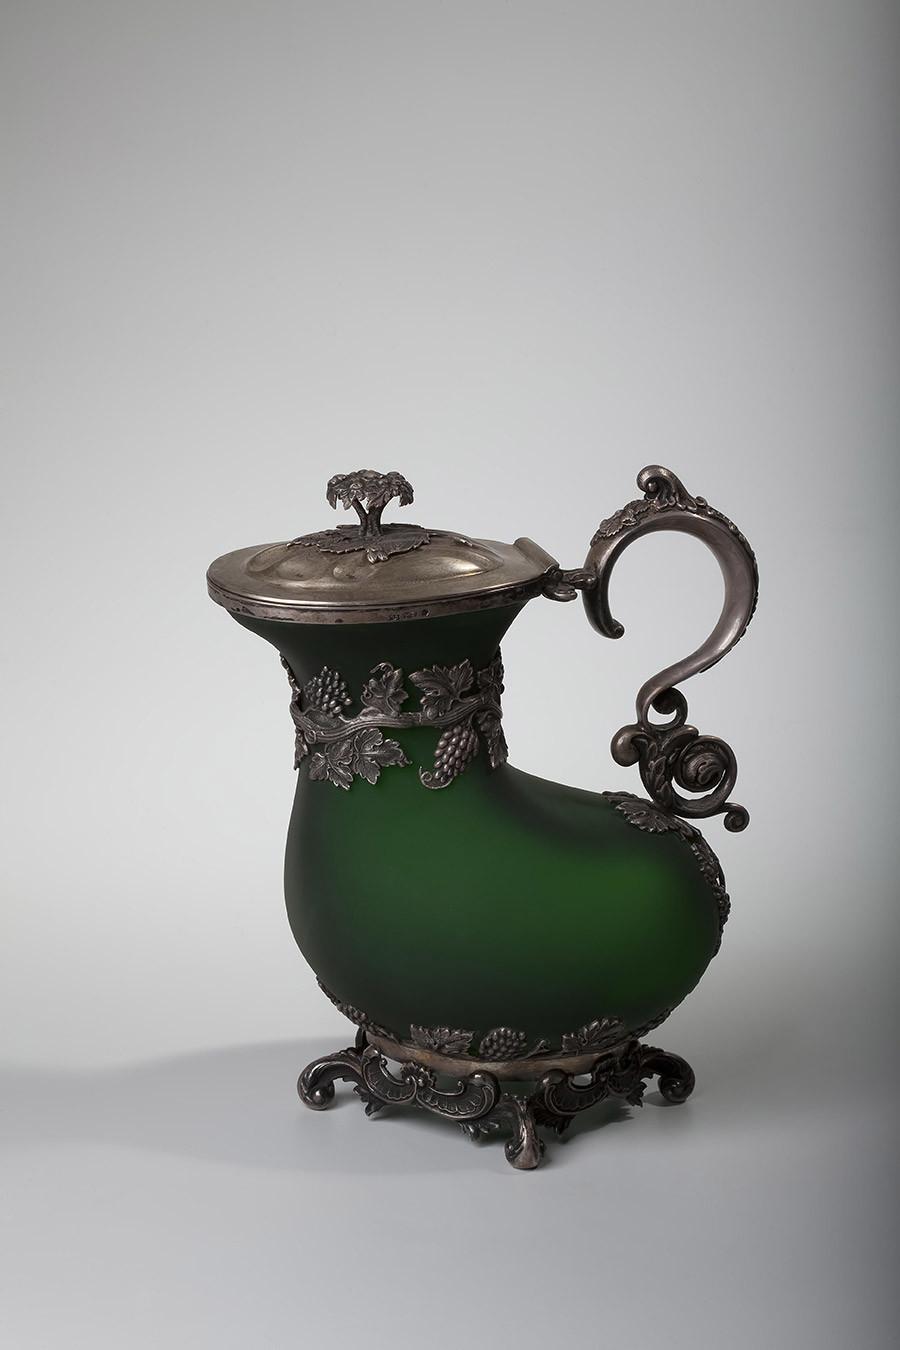 Cruche avec un couvercle rabattable, années 1830